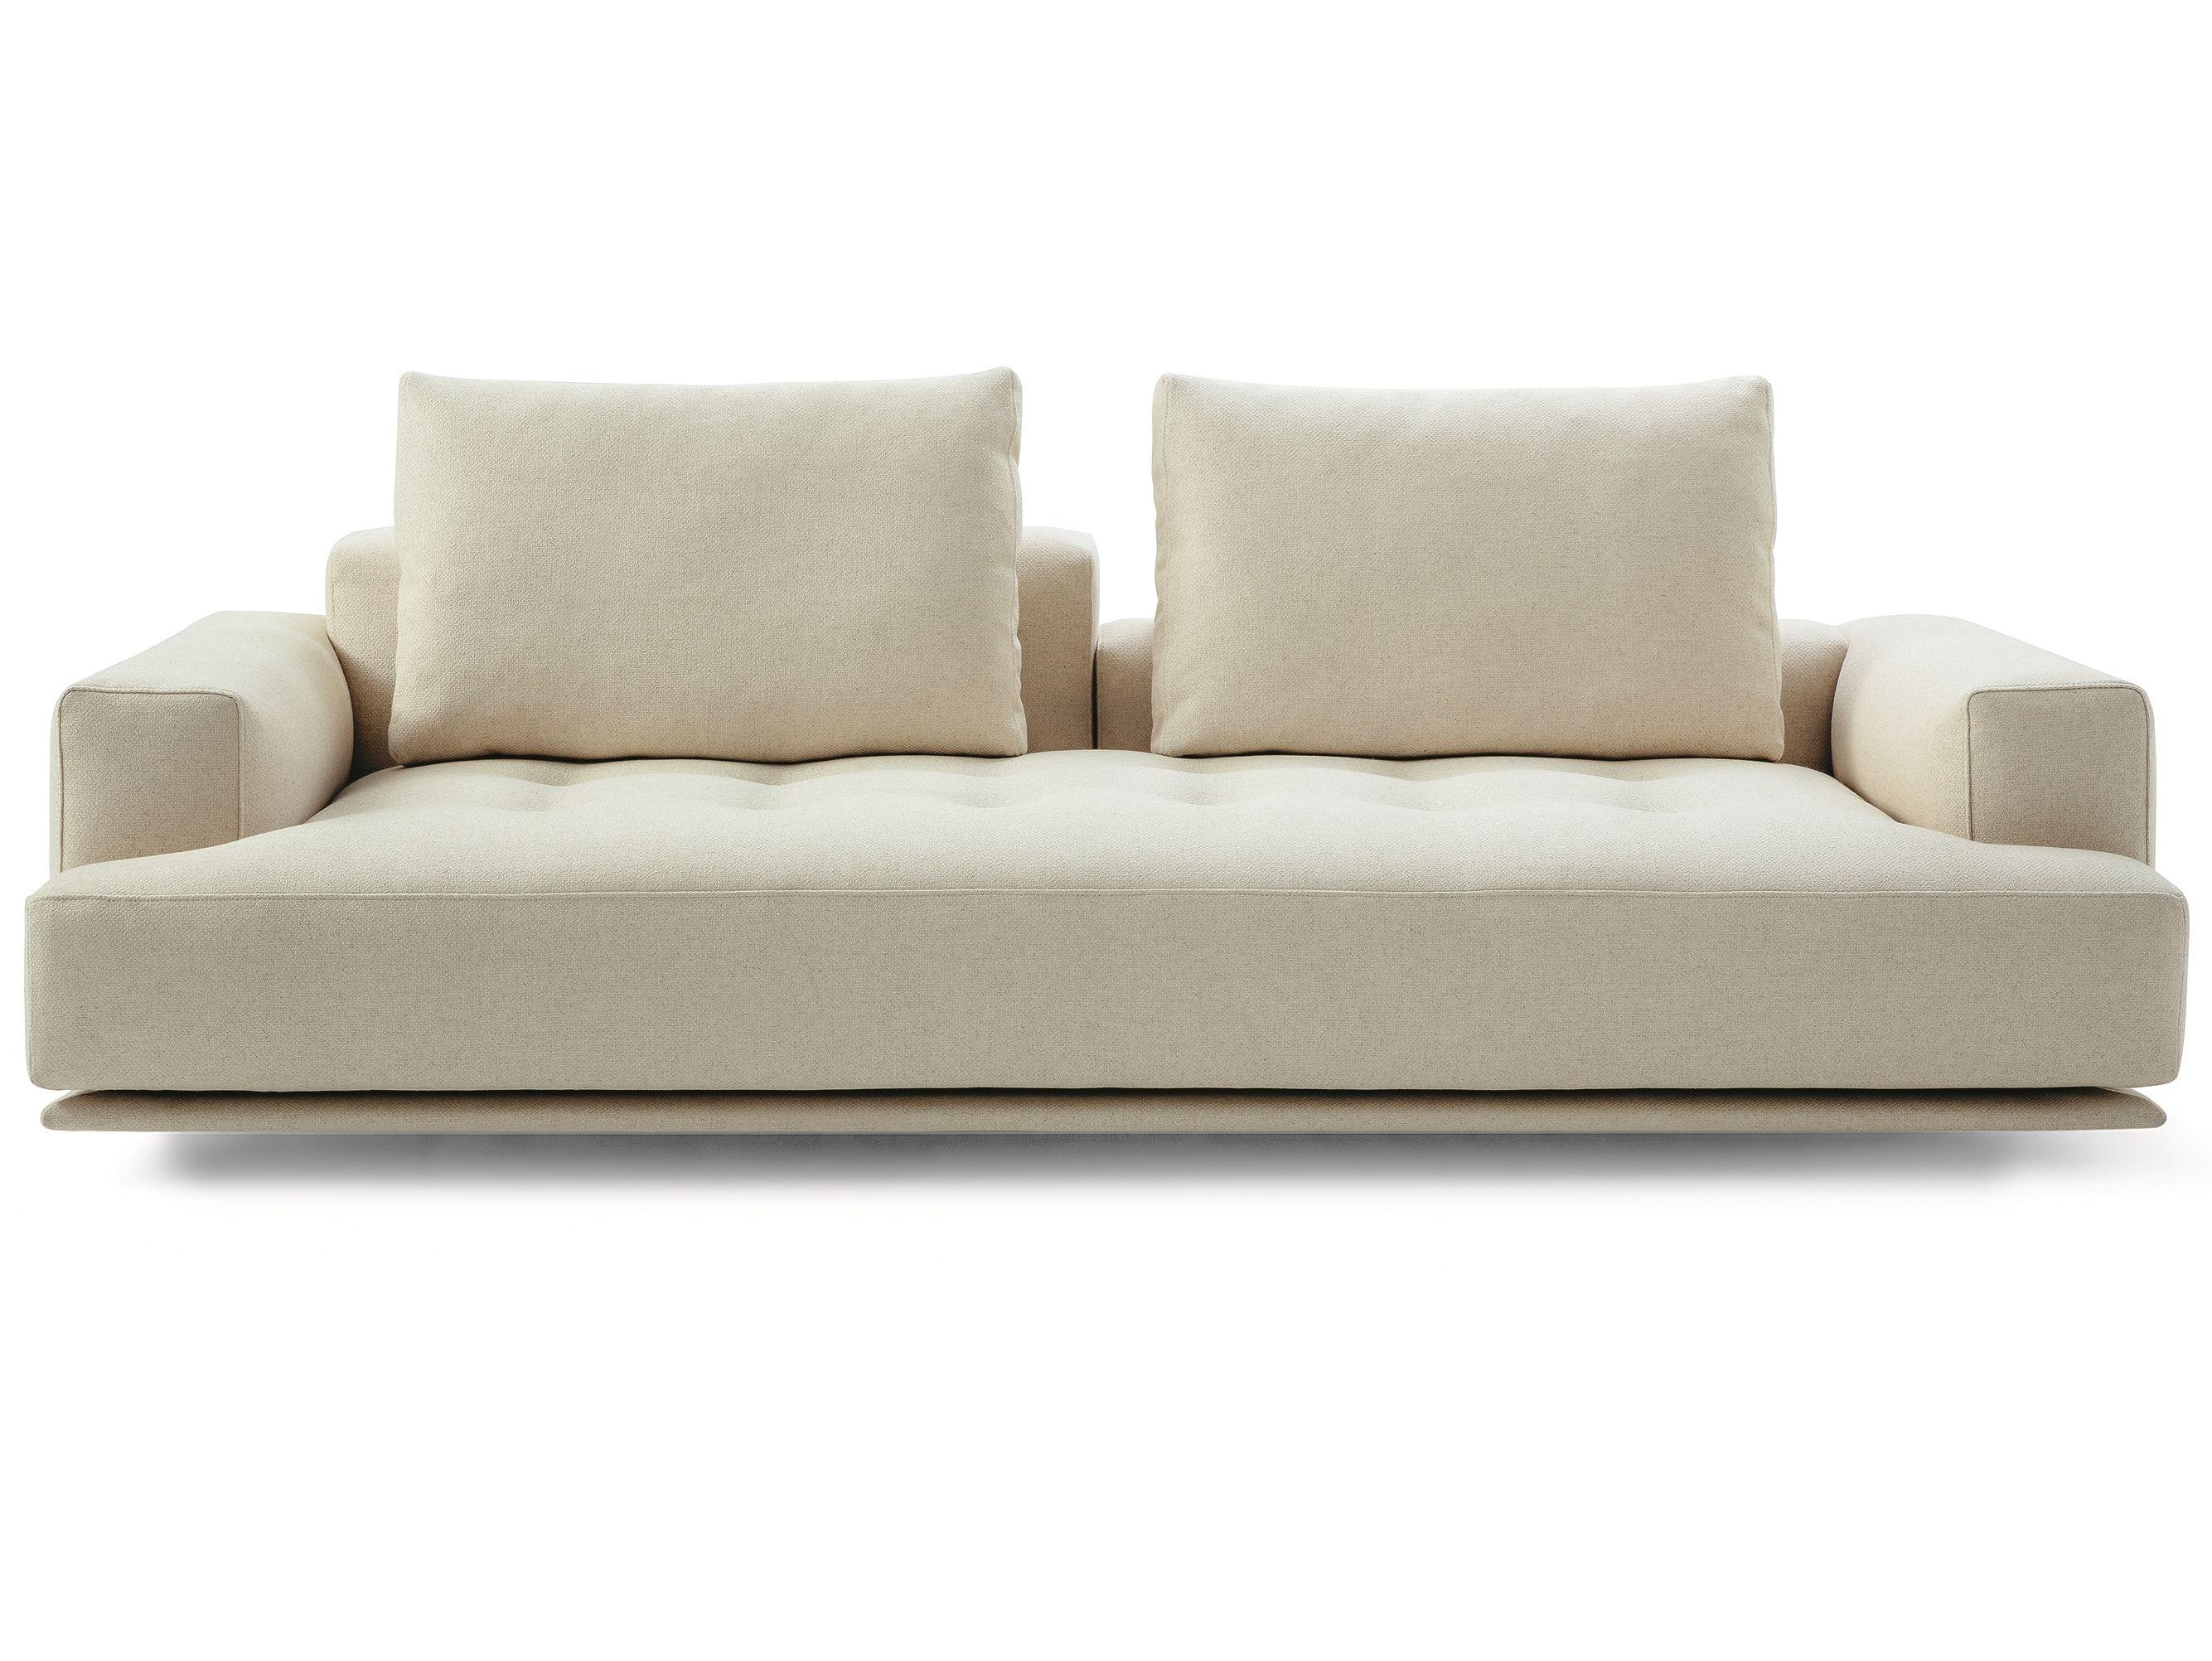 Shiki Sofa By Zanotta Design Damian Williamson Fabric Sofa Design Seater Sofa 3 Seater Sofa